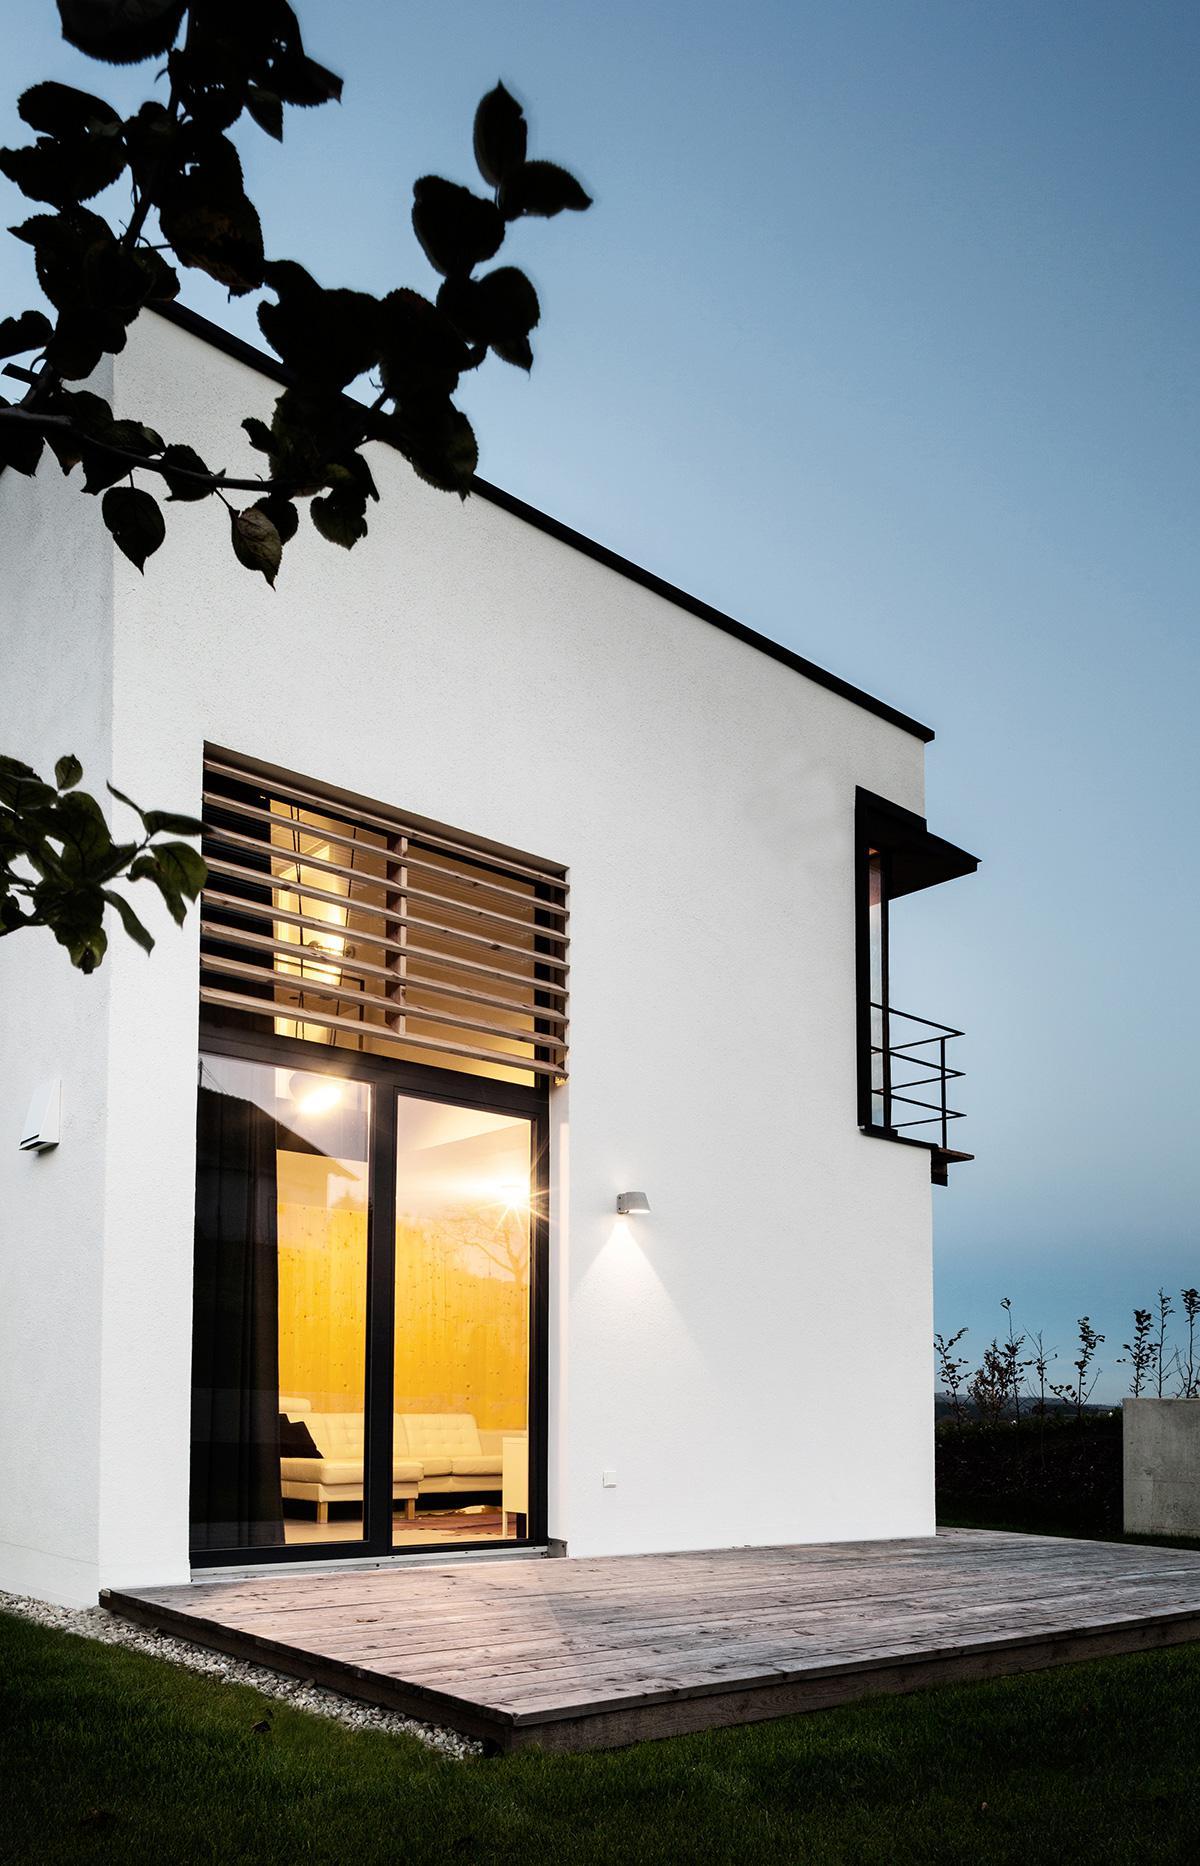 Das kleine Haus. — 2